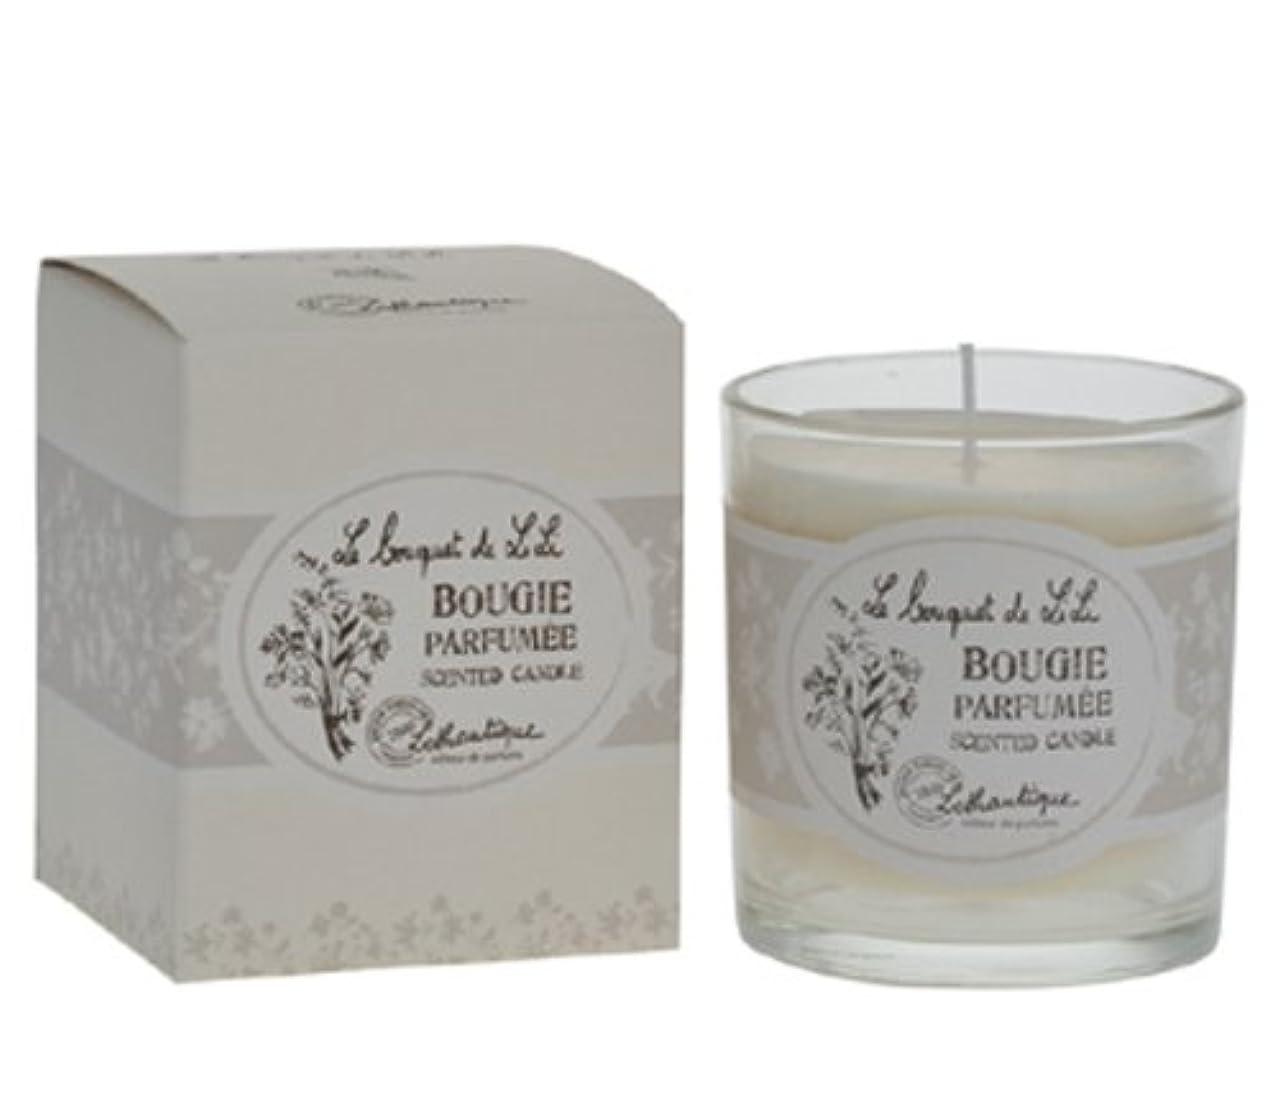 下着みなさん時々Lothantique(ロタンティック) Le bouquet de LiLi(ブーケドゥリリシリーズ) キャンドル 140g 3420070029065